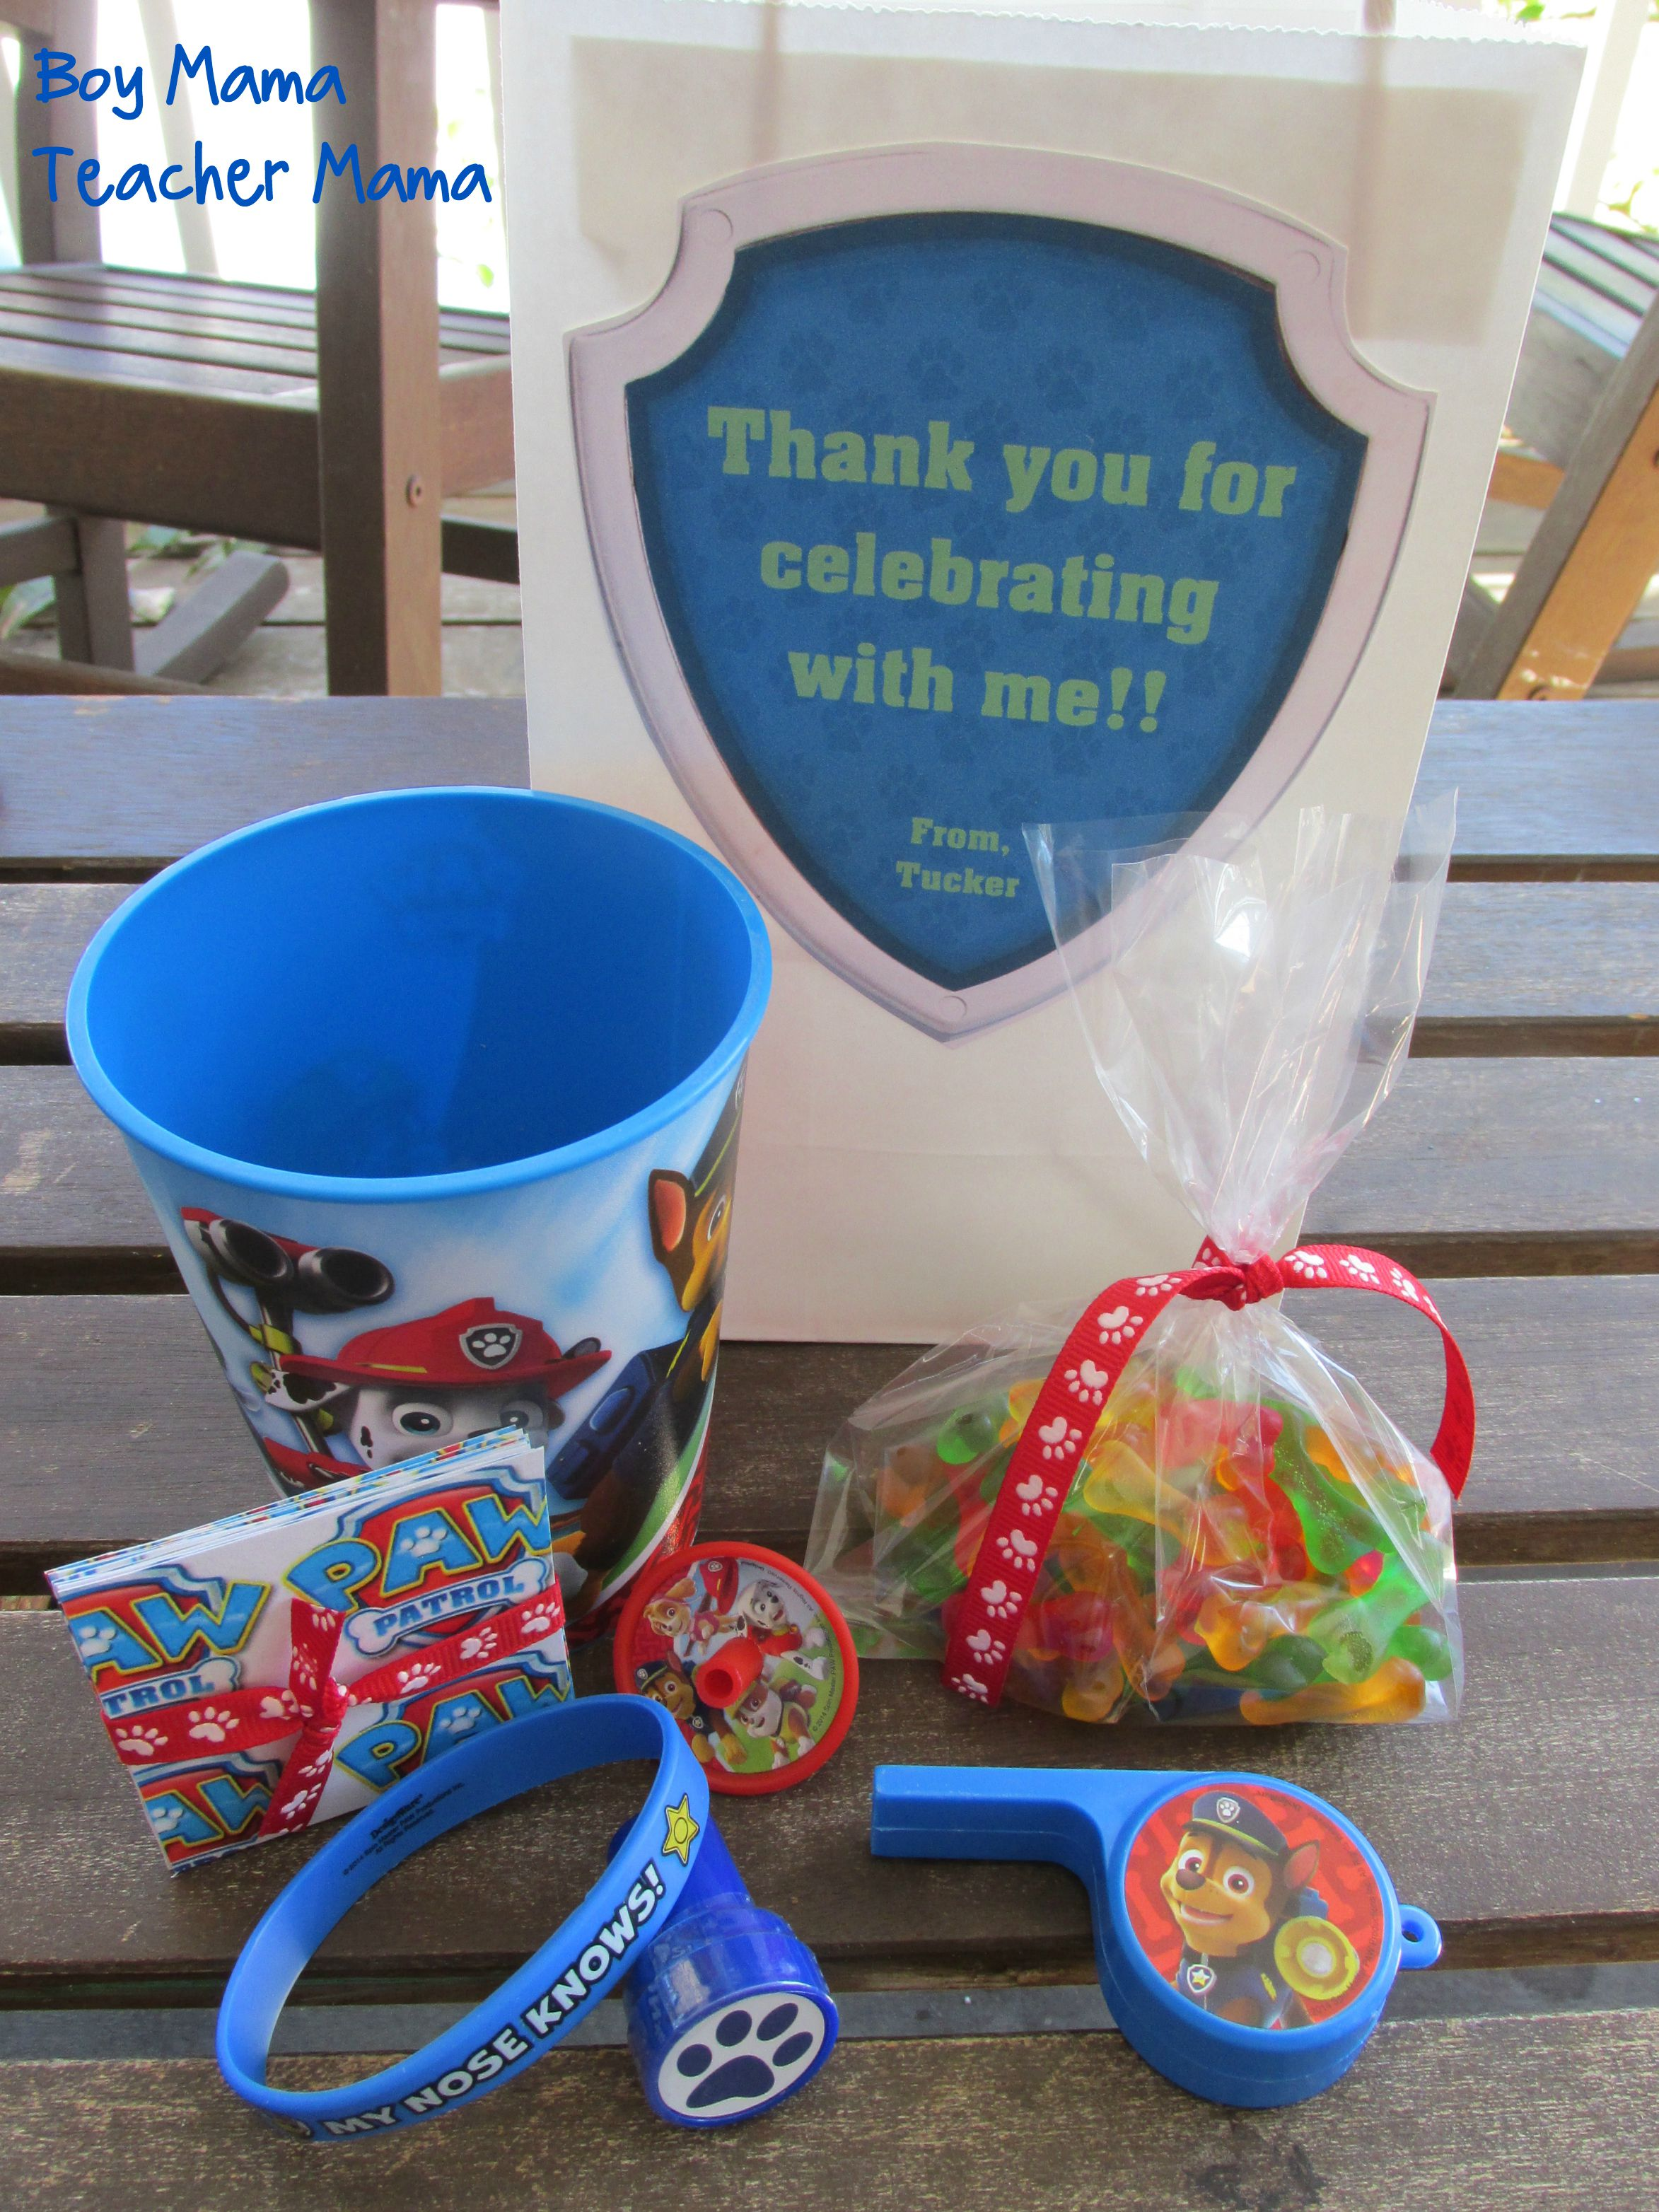 Boy mama paw patrol birthday party boy mama teacher mama for Bag decoration games